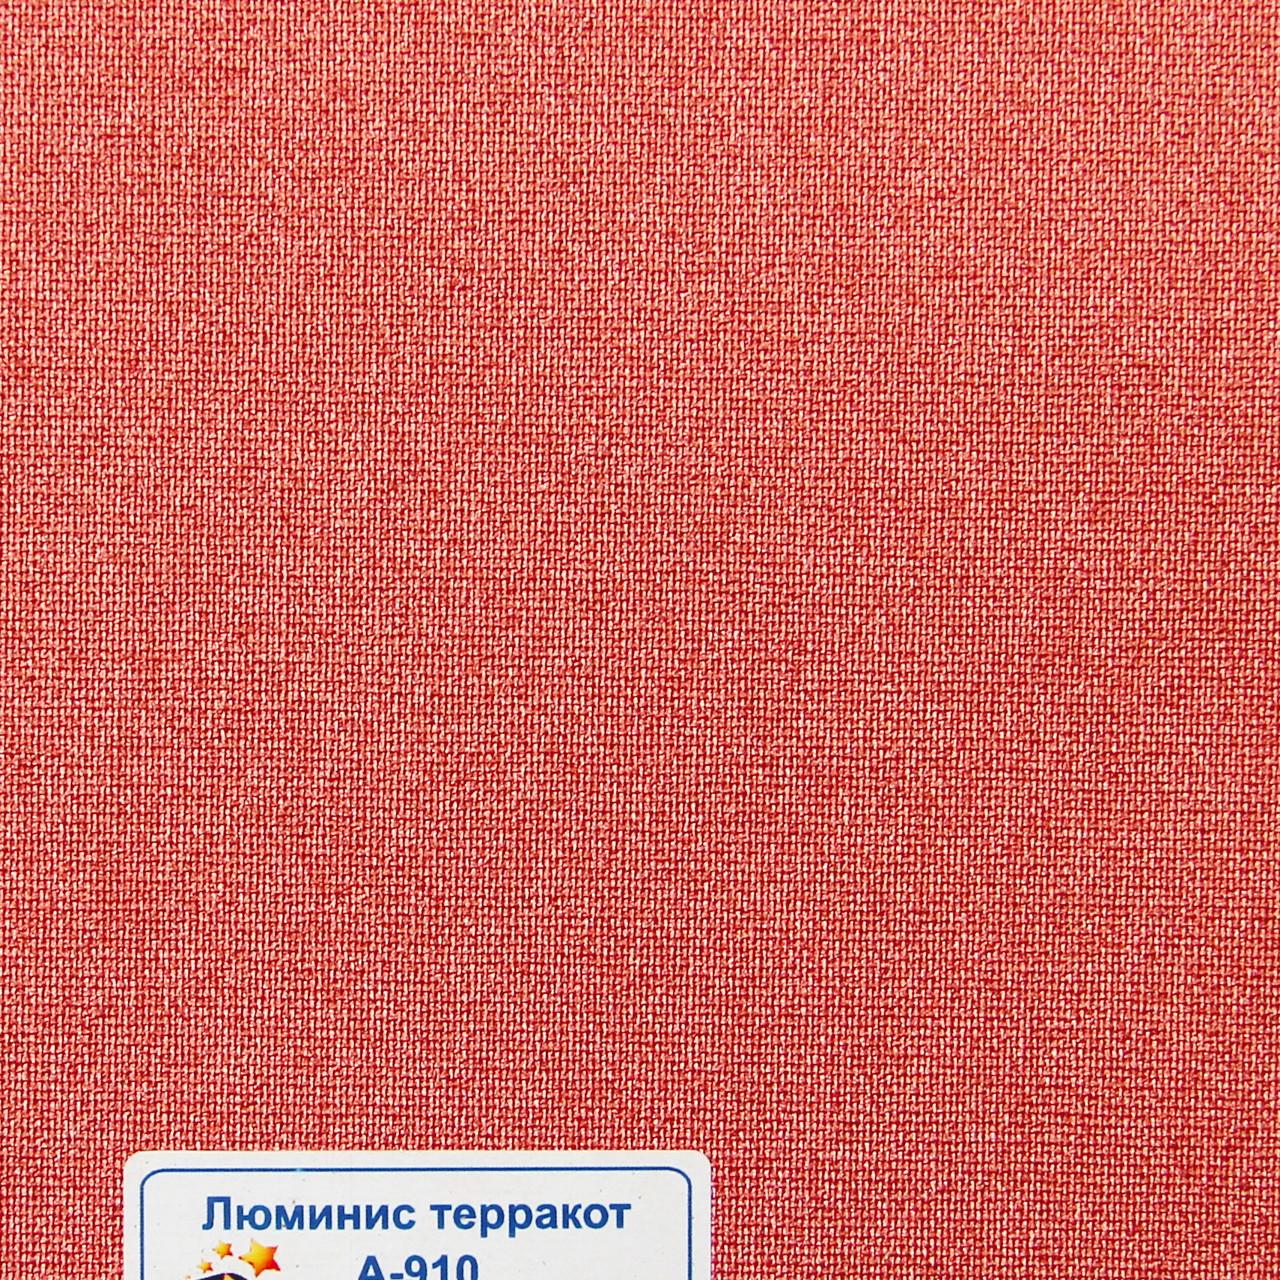 Рулонные шторы Одесса Ткань Люминис Терракот А-910